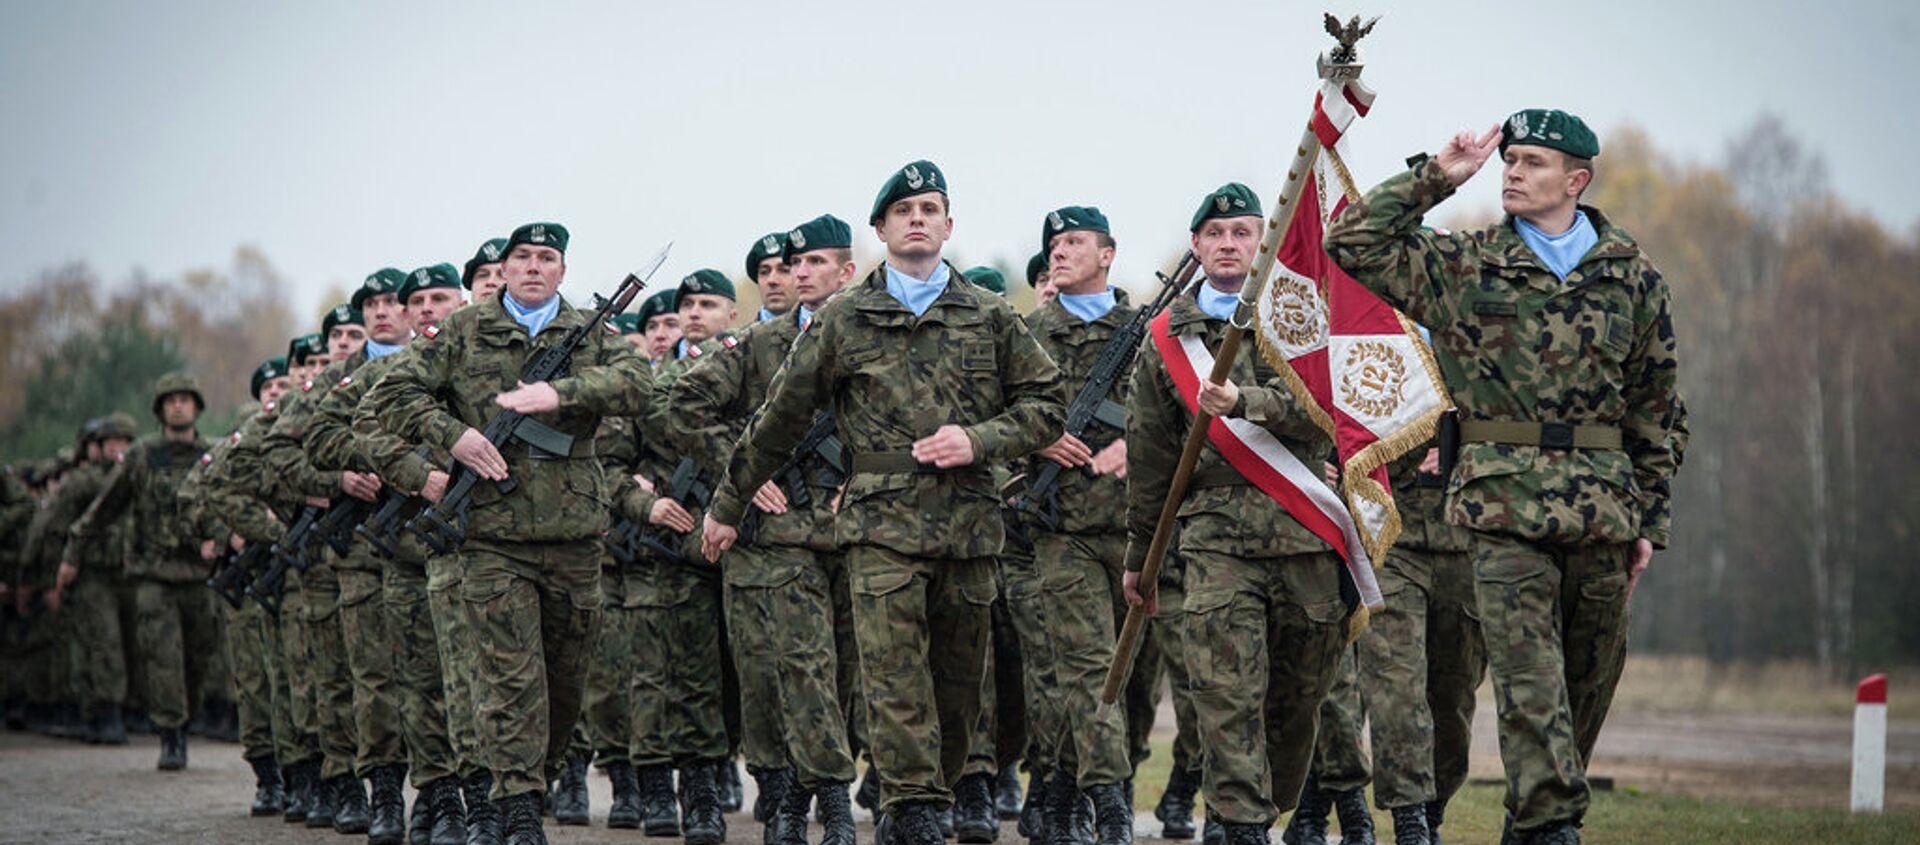 Polscy żołnierze w składzie sił szybkiego reagowania NATO - Sputnik Polska, 1920, 02.01.2021